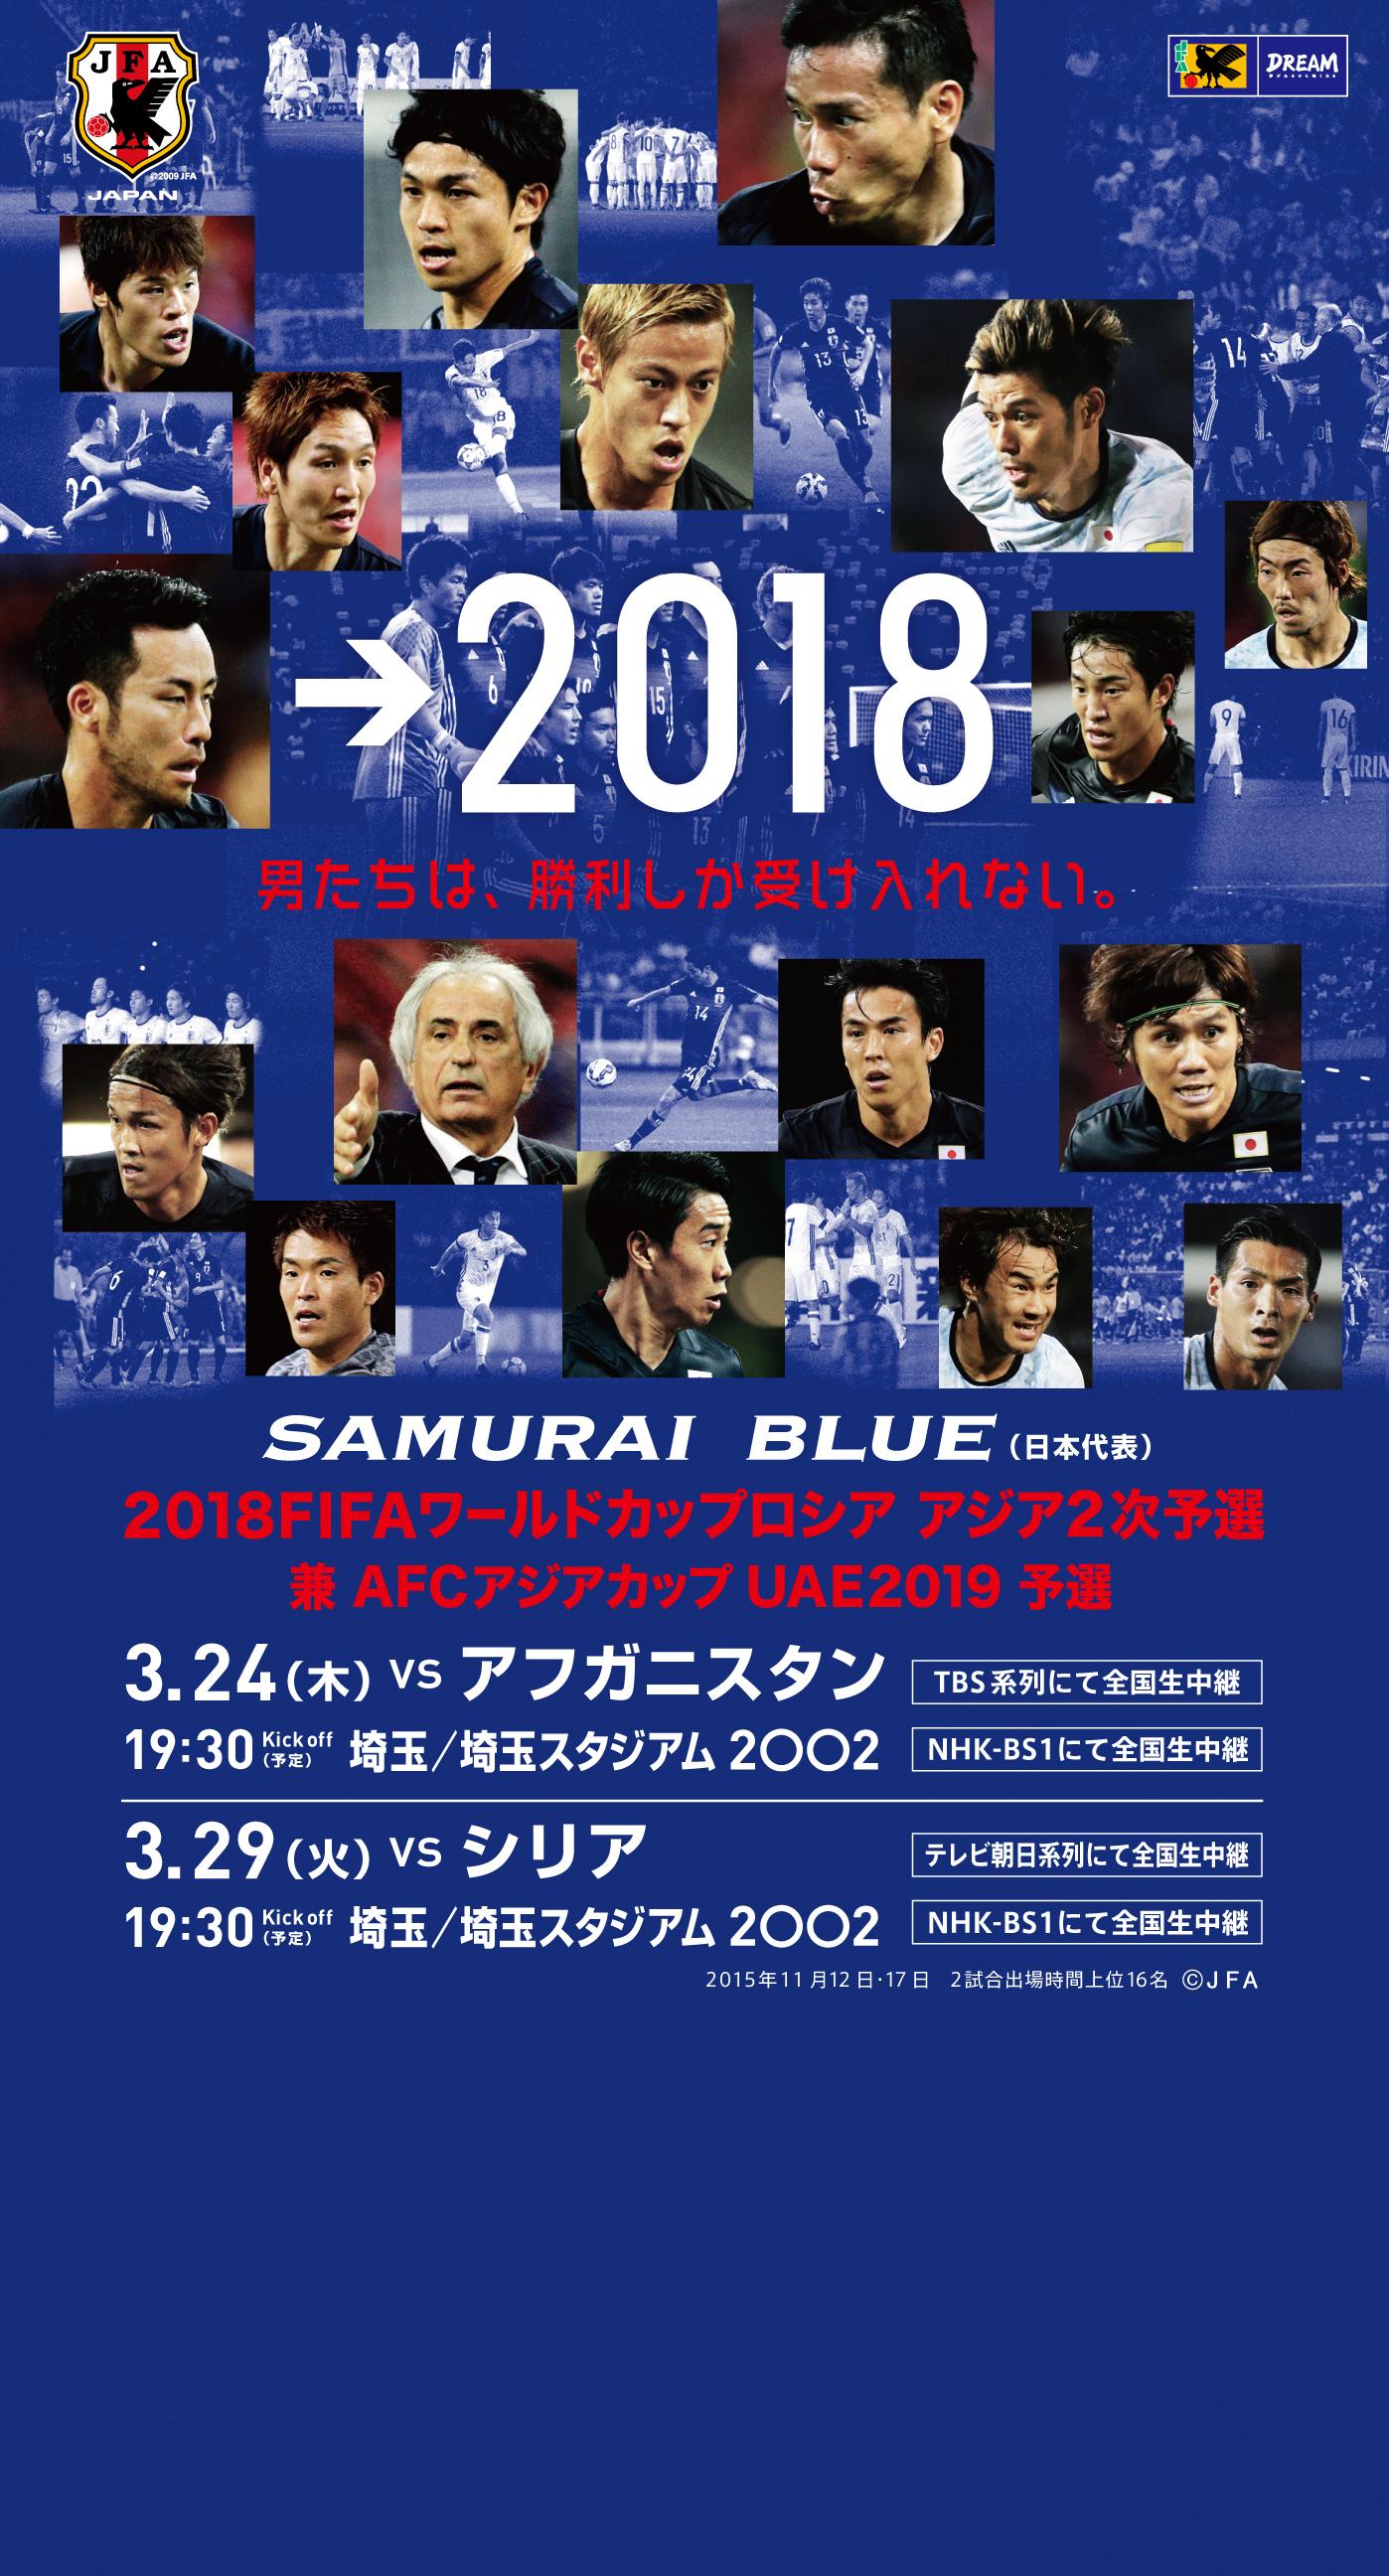 壁紙 ポスターダウンロード 18fifaワールドカップロシア アジア2次予選 Samurai Blue 日本代表 Jfa 日本サッカー協会